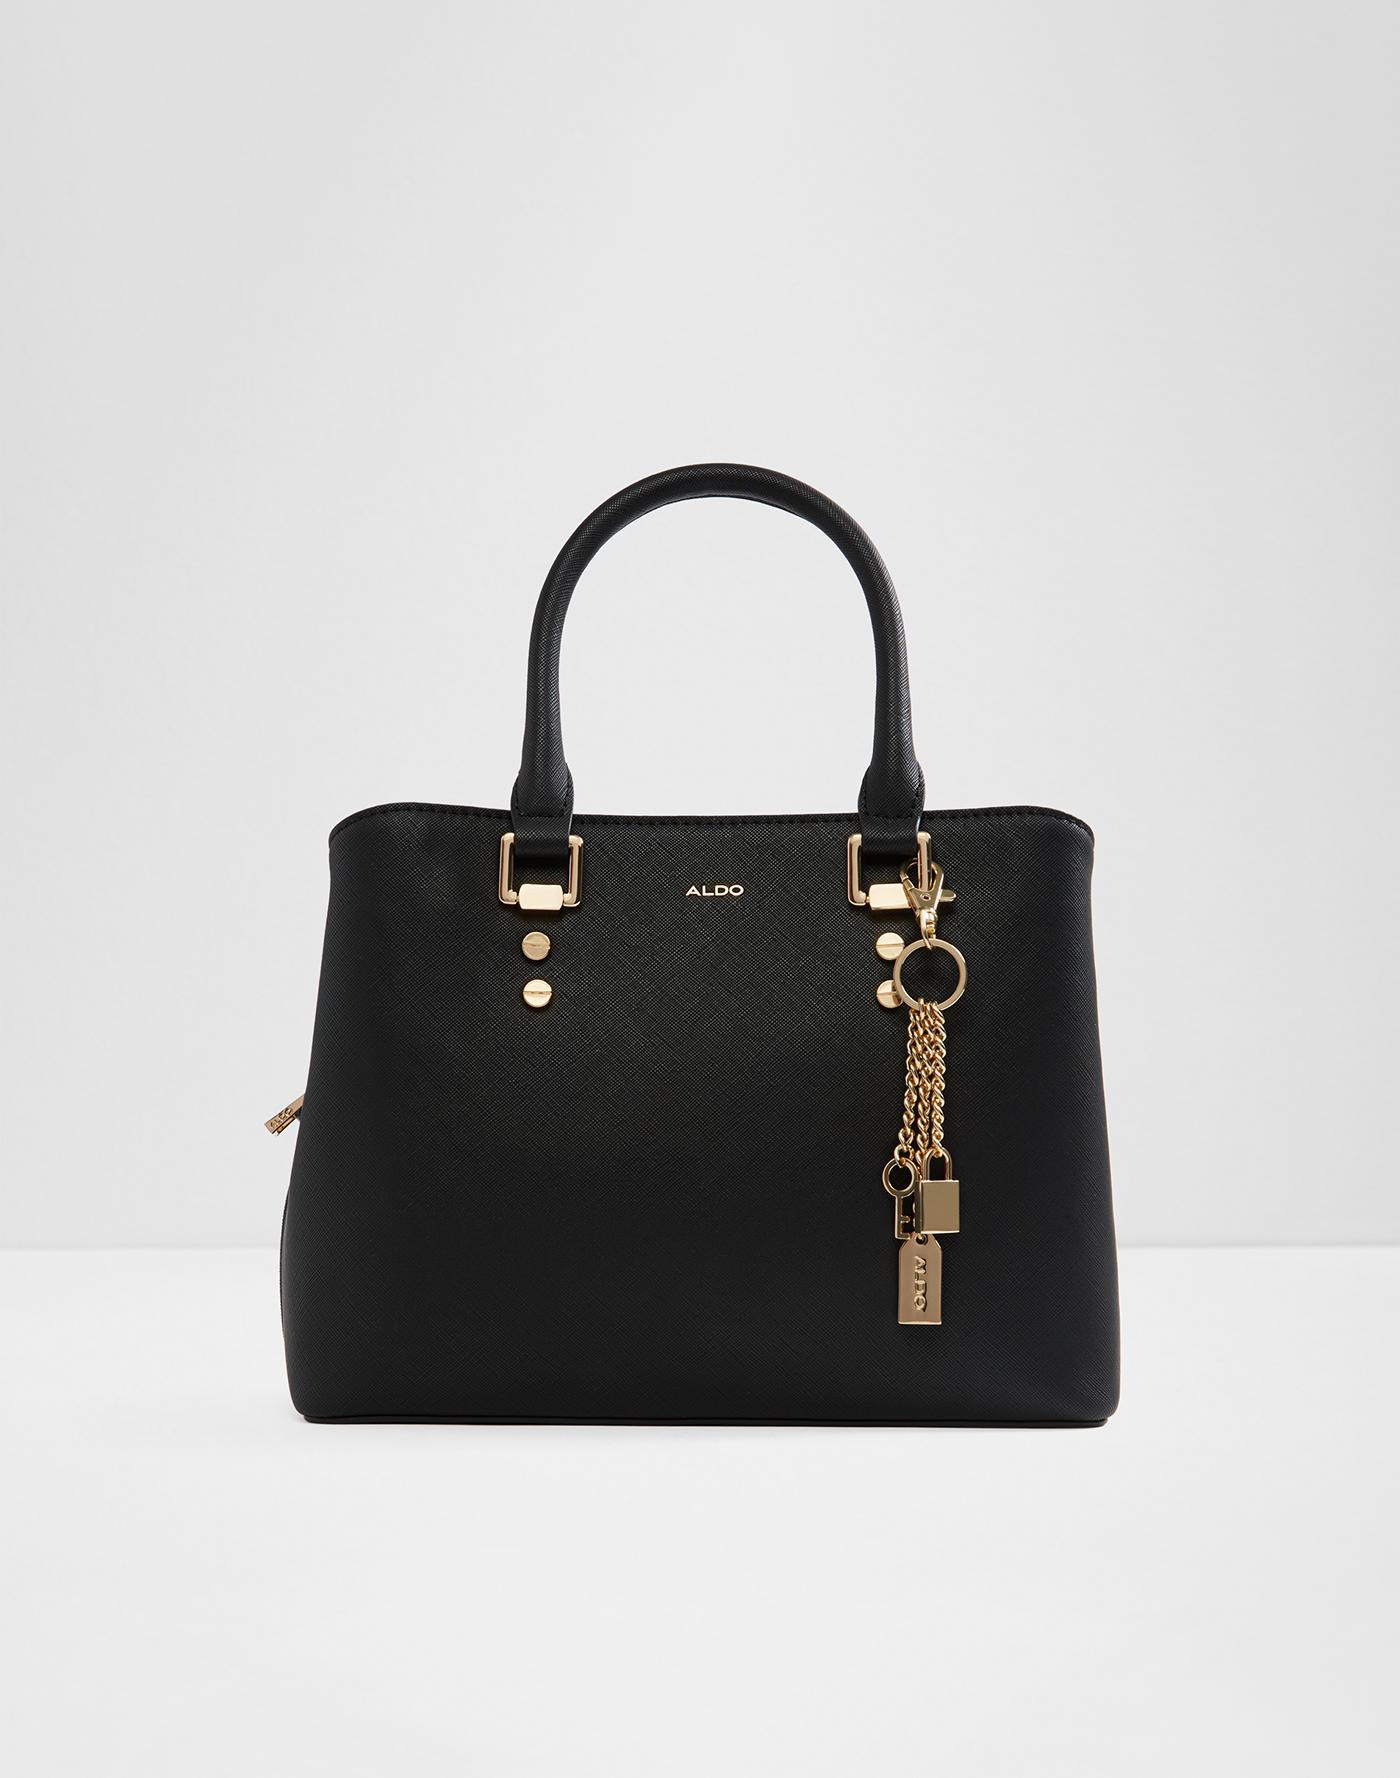 d8bd0b81e2d3 All Handbags